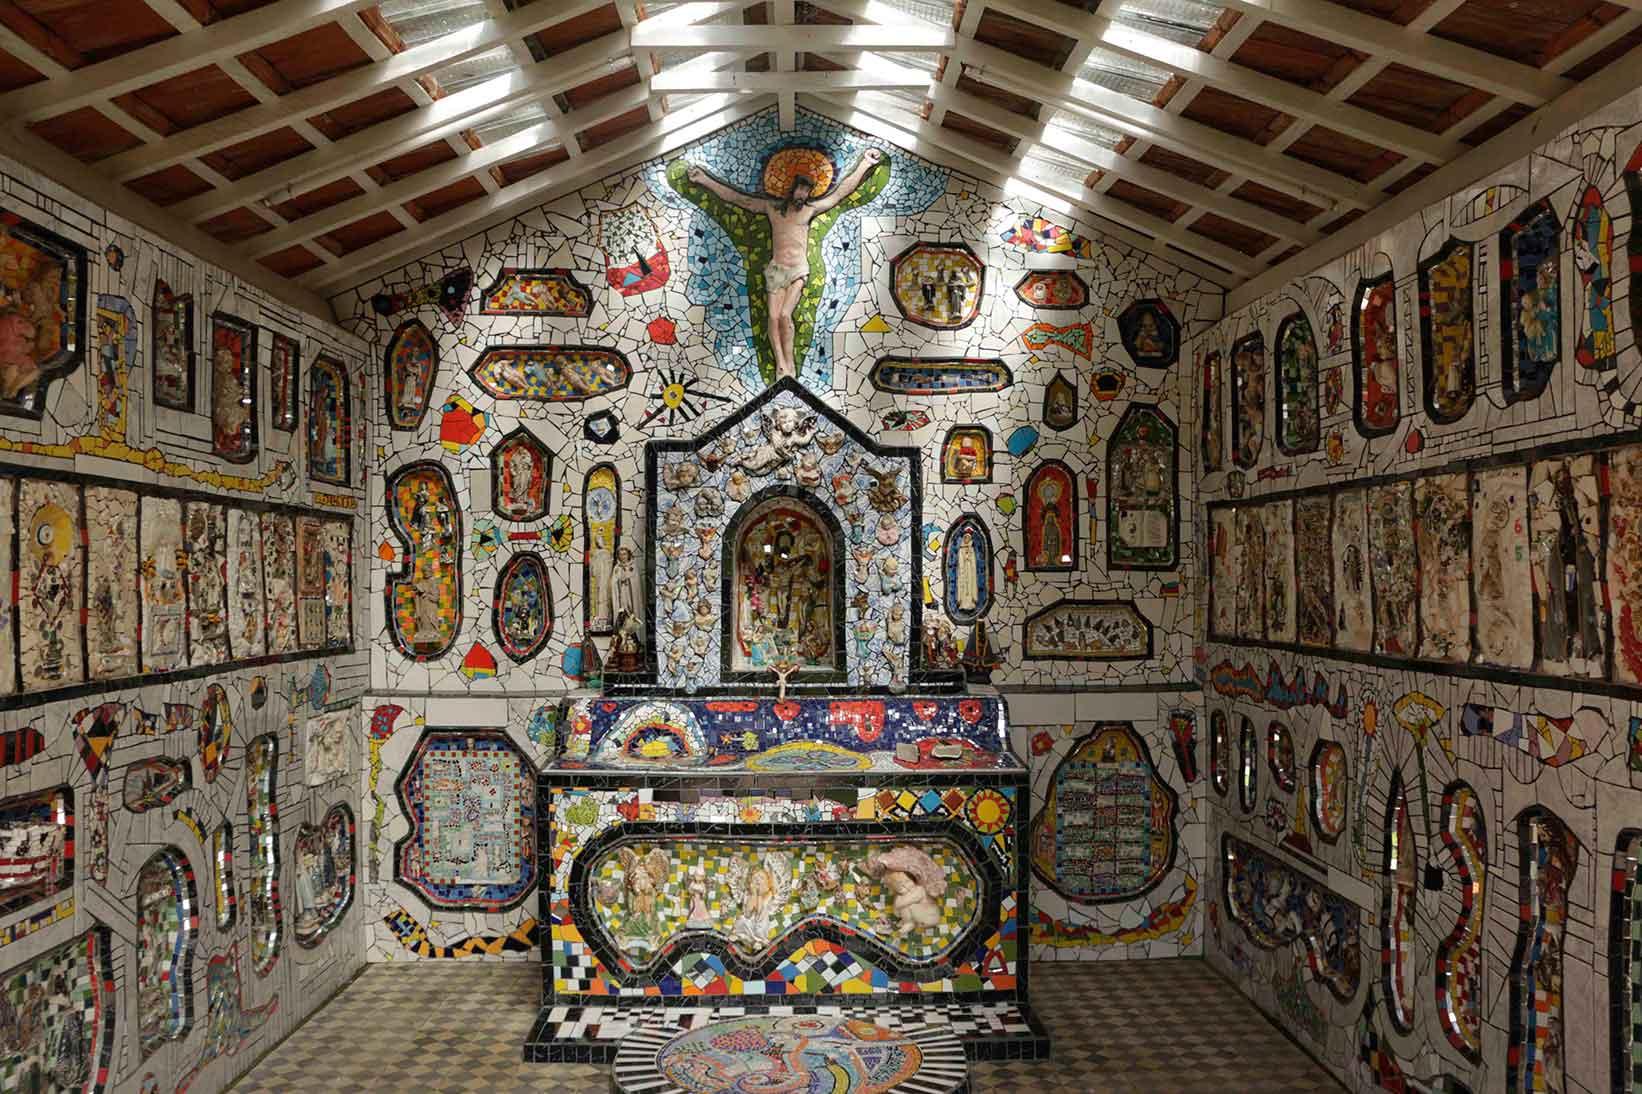 Sao-Bento-do-Sapucai-Turismo-Religioso-Capela-do-Mosaico-_MG_5738-bx